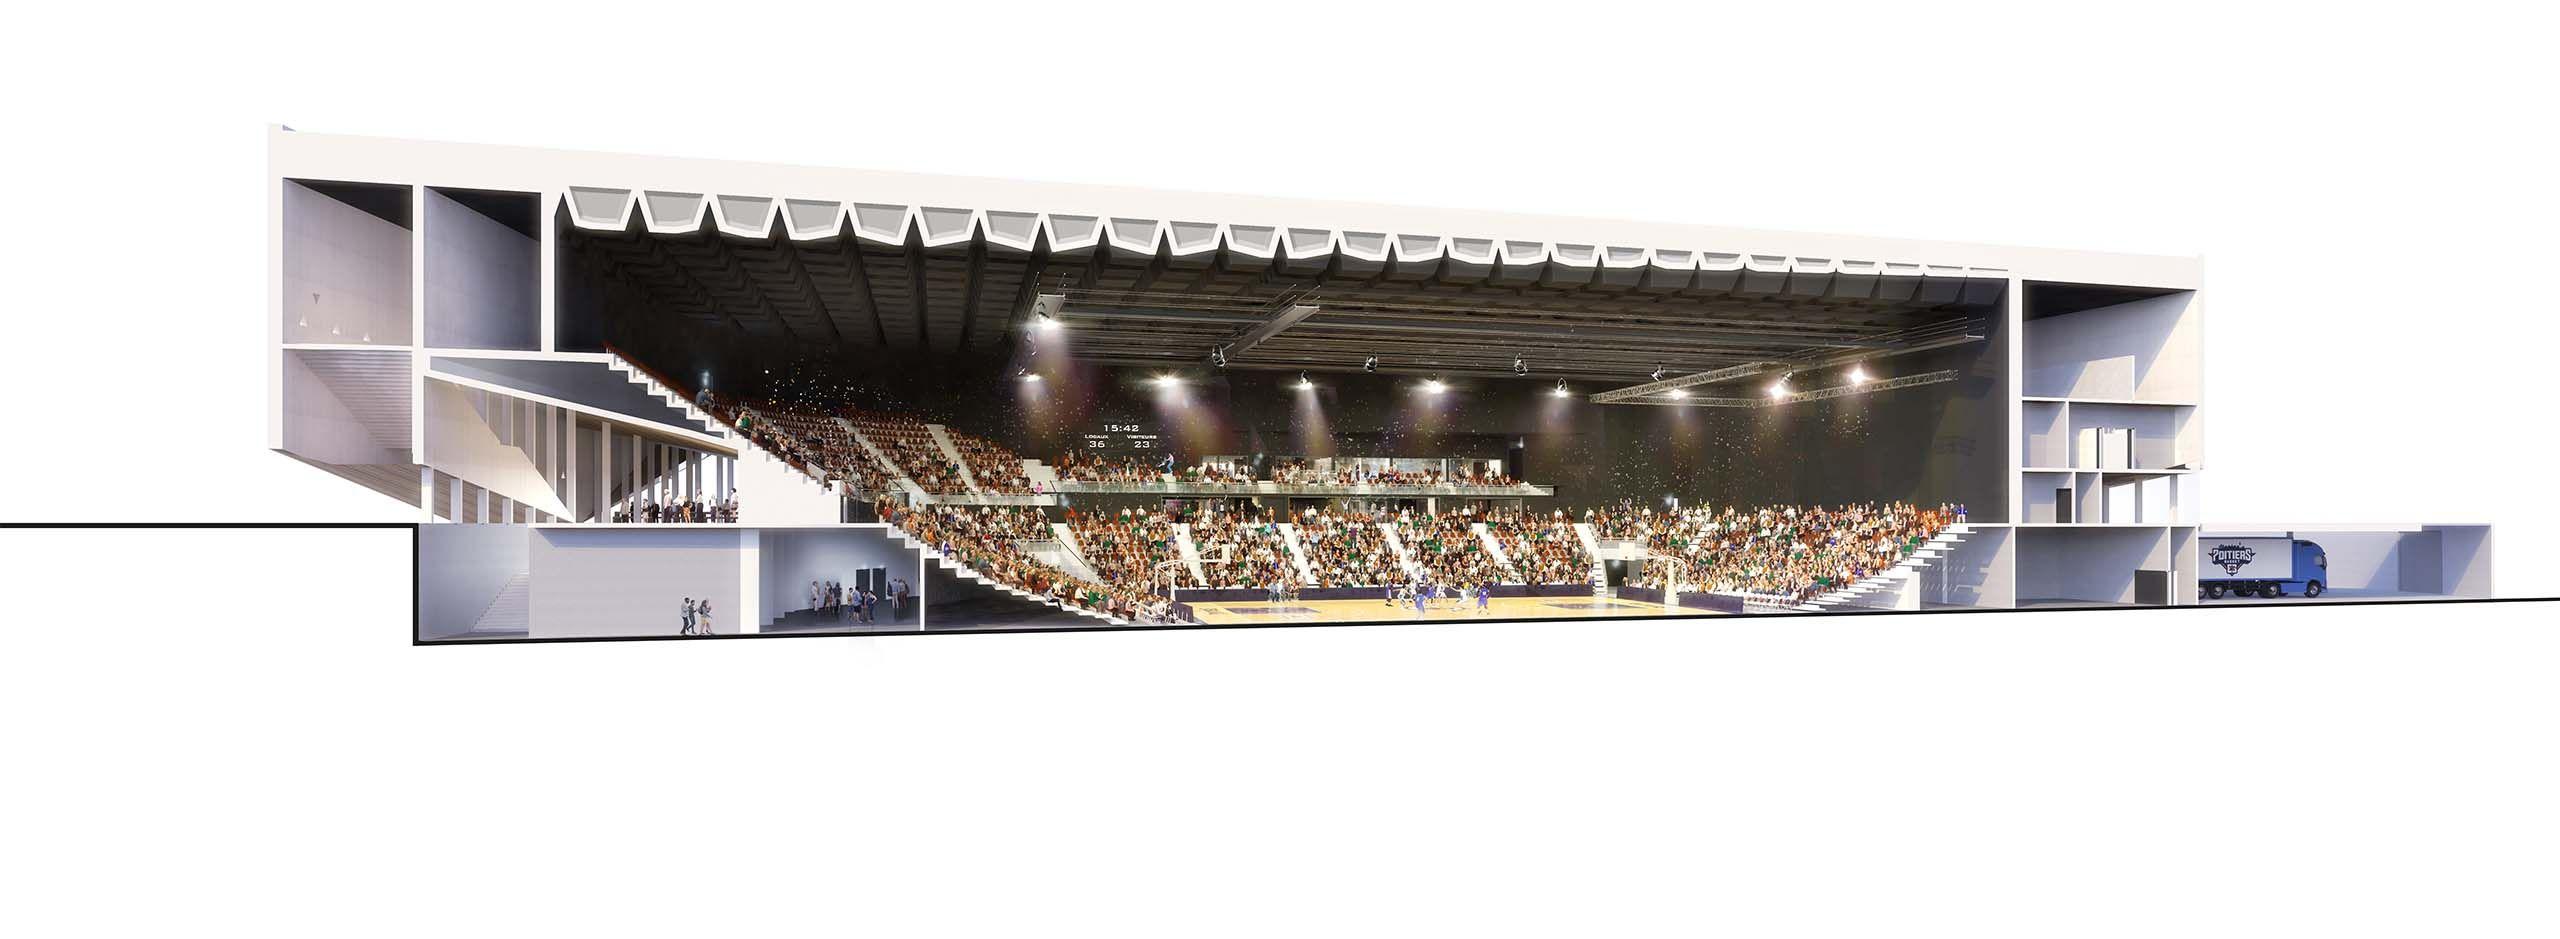 « Arena Futuroscope » grande salle de spectacles et de sports · 2022 - Page 7 2988-coupe-pers-plan-1-2560px-resultat